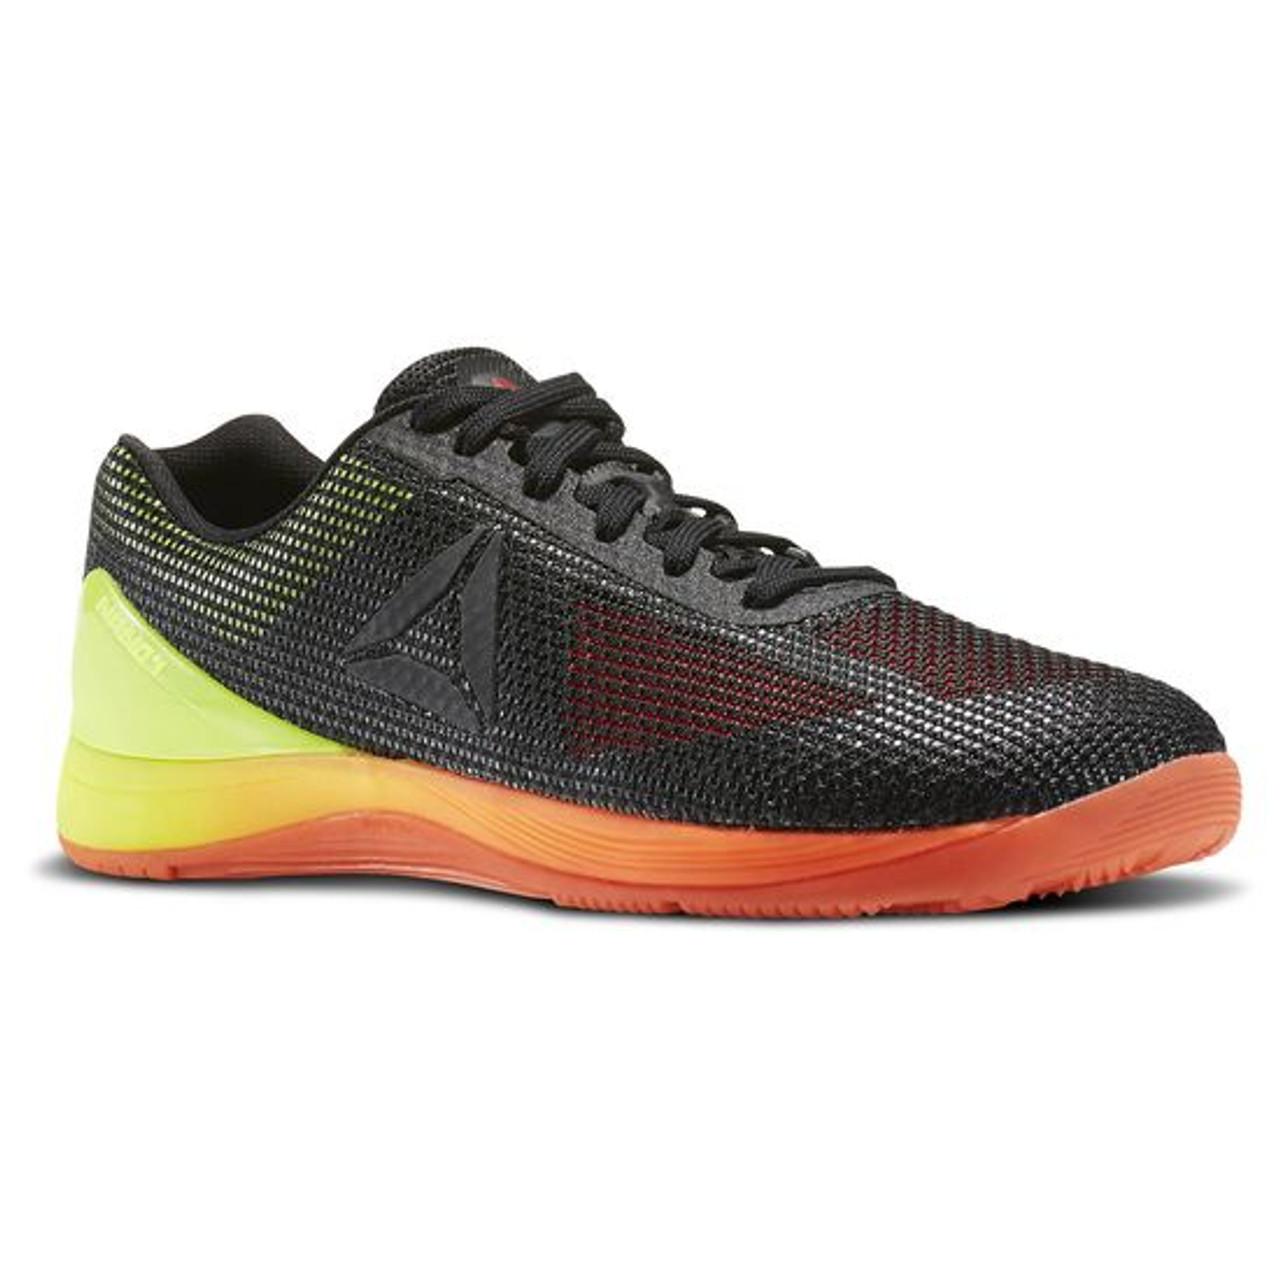 reebok crossfit shoes uk